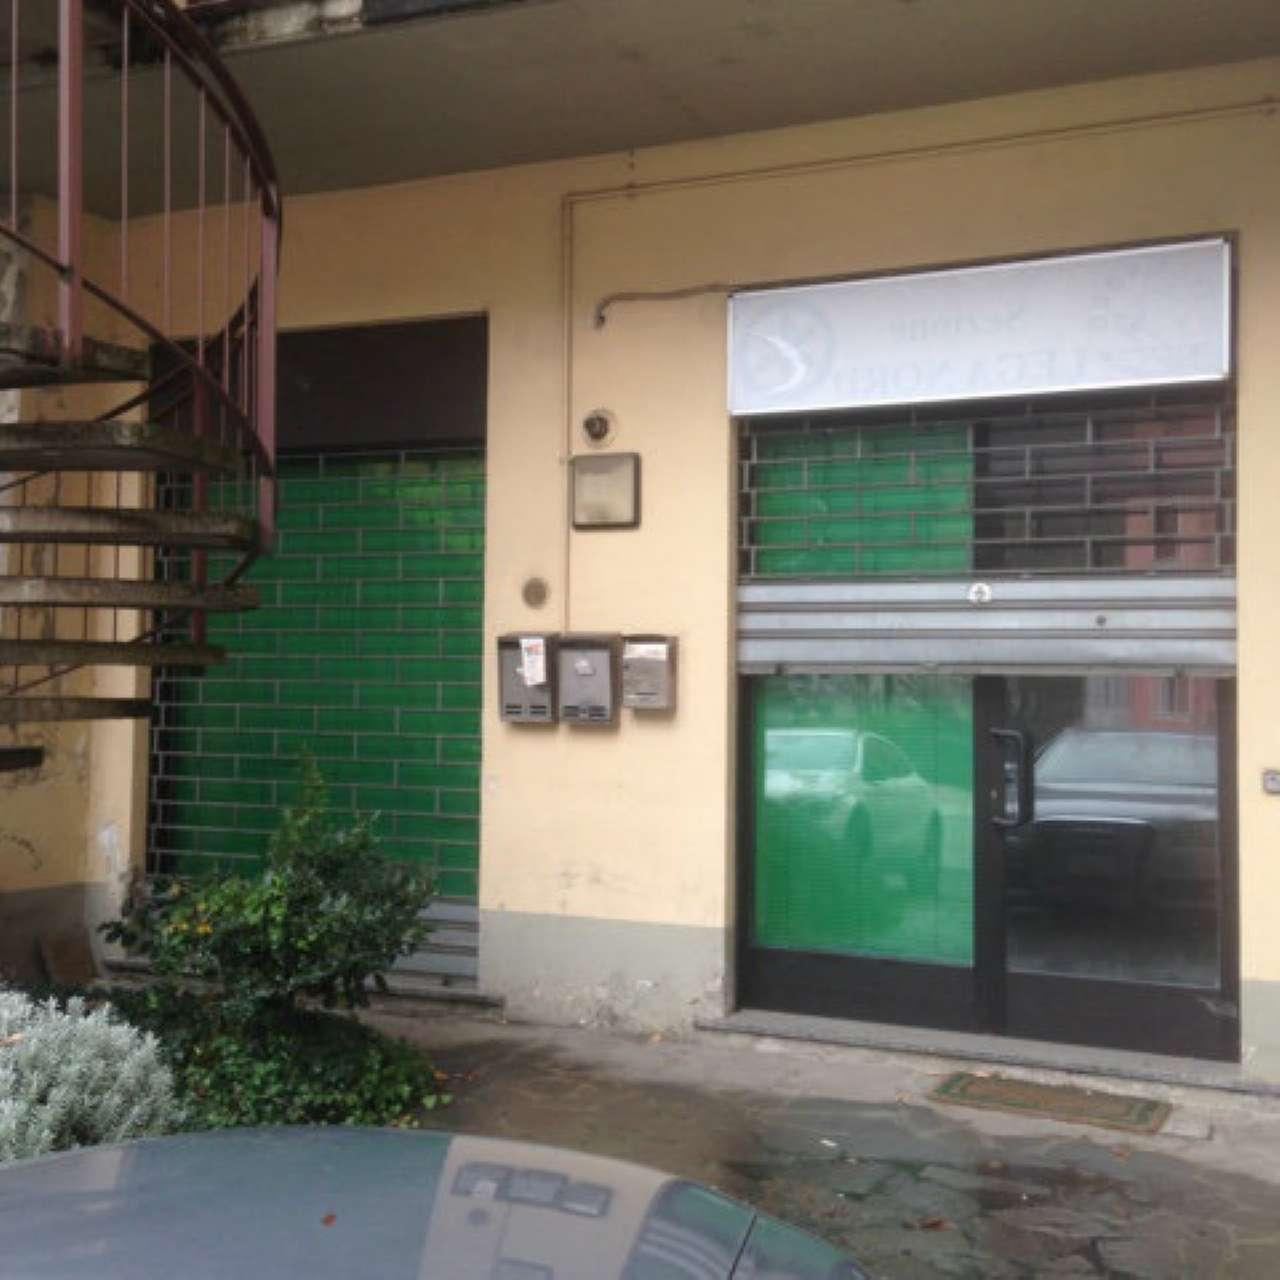 Negozio / Locale in affitto a Marcheno, 1 locali, prezzo € 500 | Cambio Casa.it